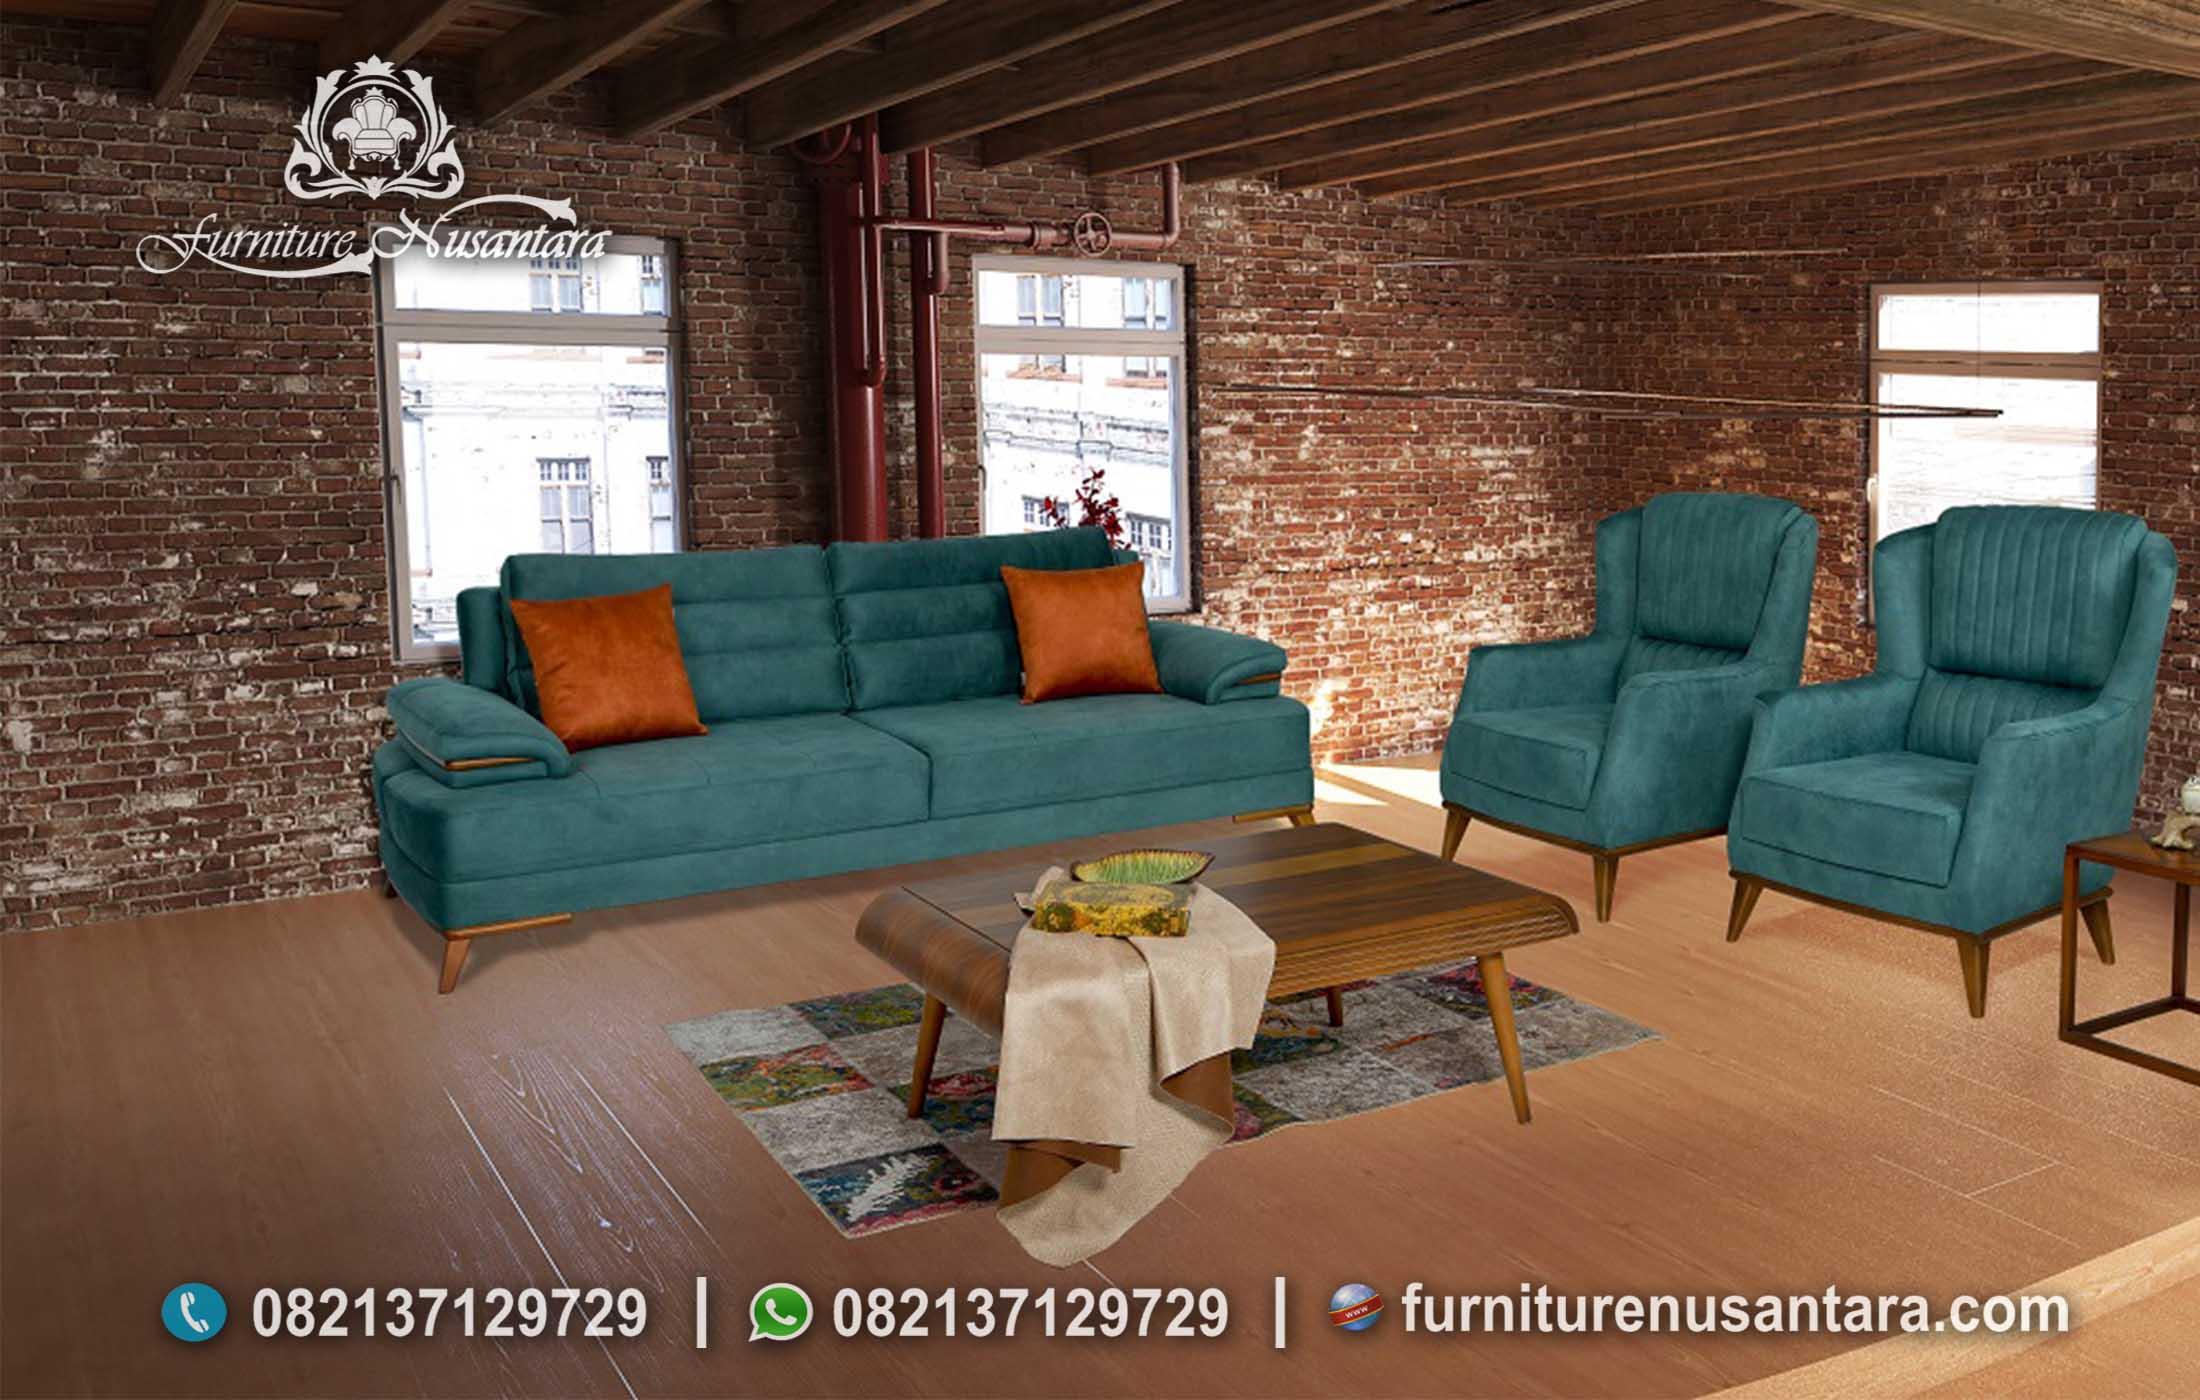 Jual Sofa Tamu Hijau Tosca ST-69, Furniture Nusantara